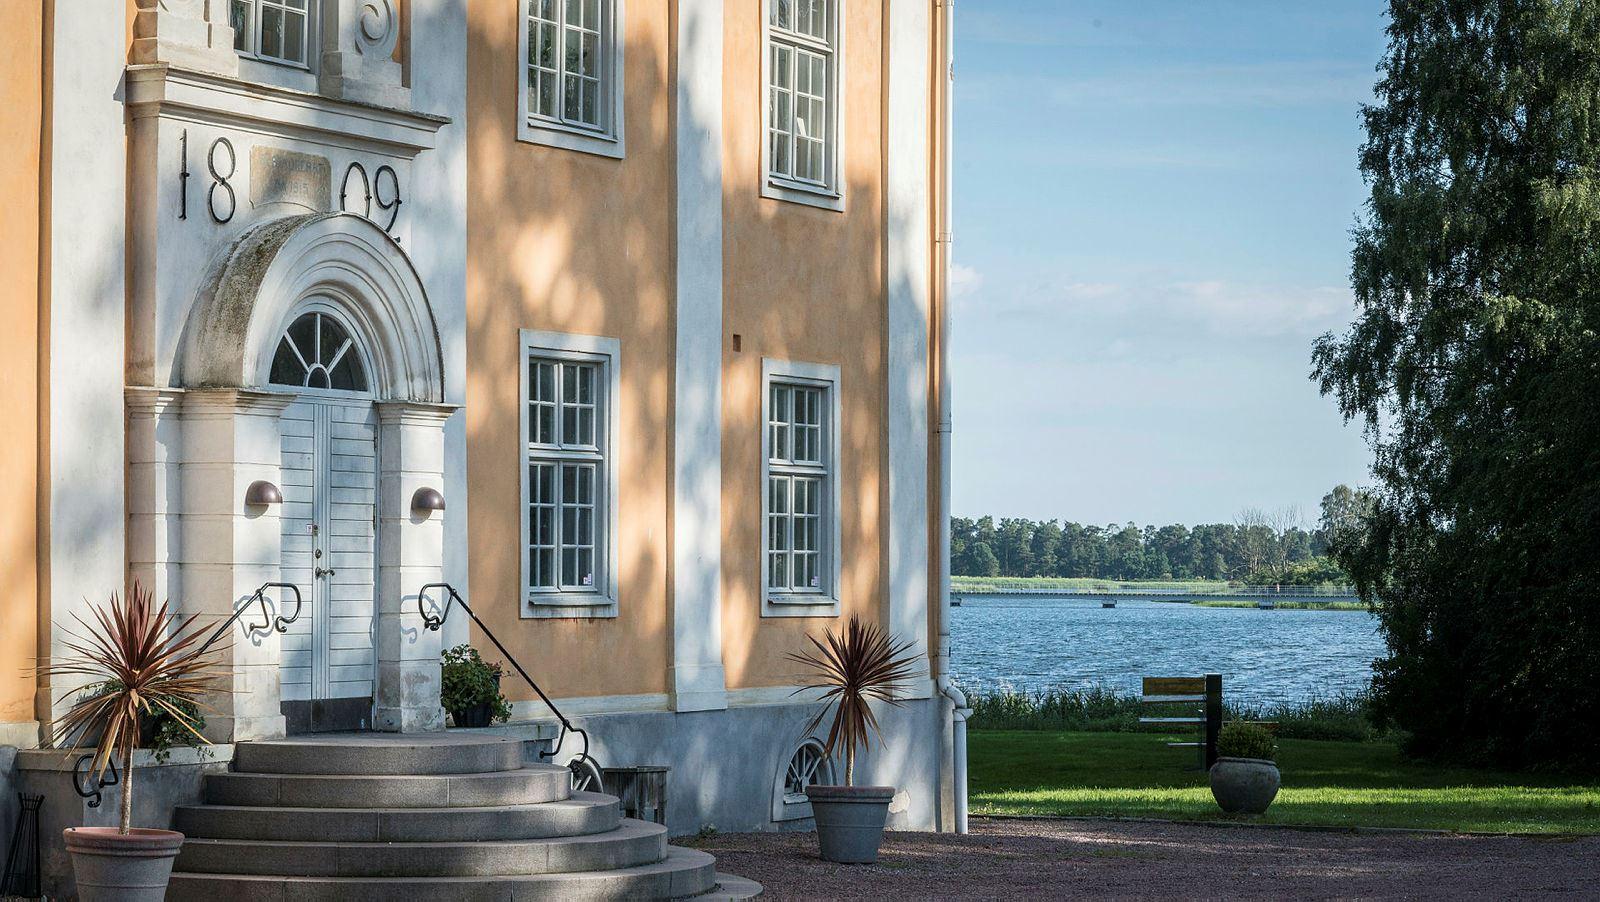 Bertil Knoester, Sölvesborgs Schloss - Corps de logi